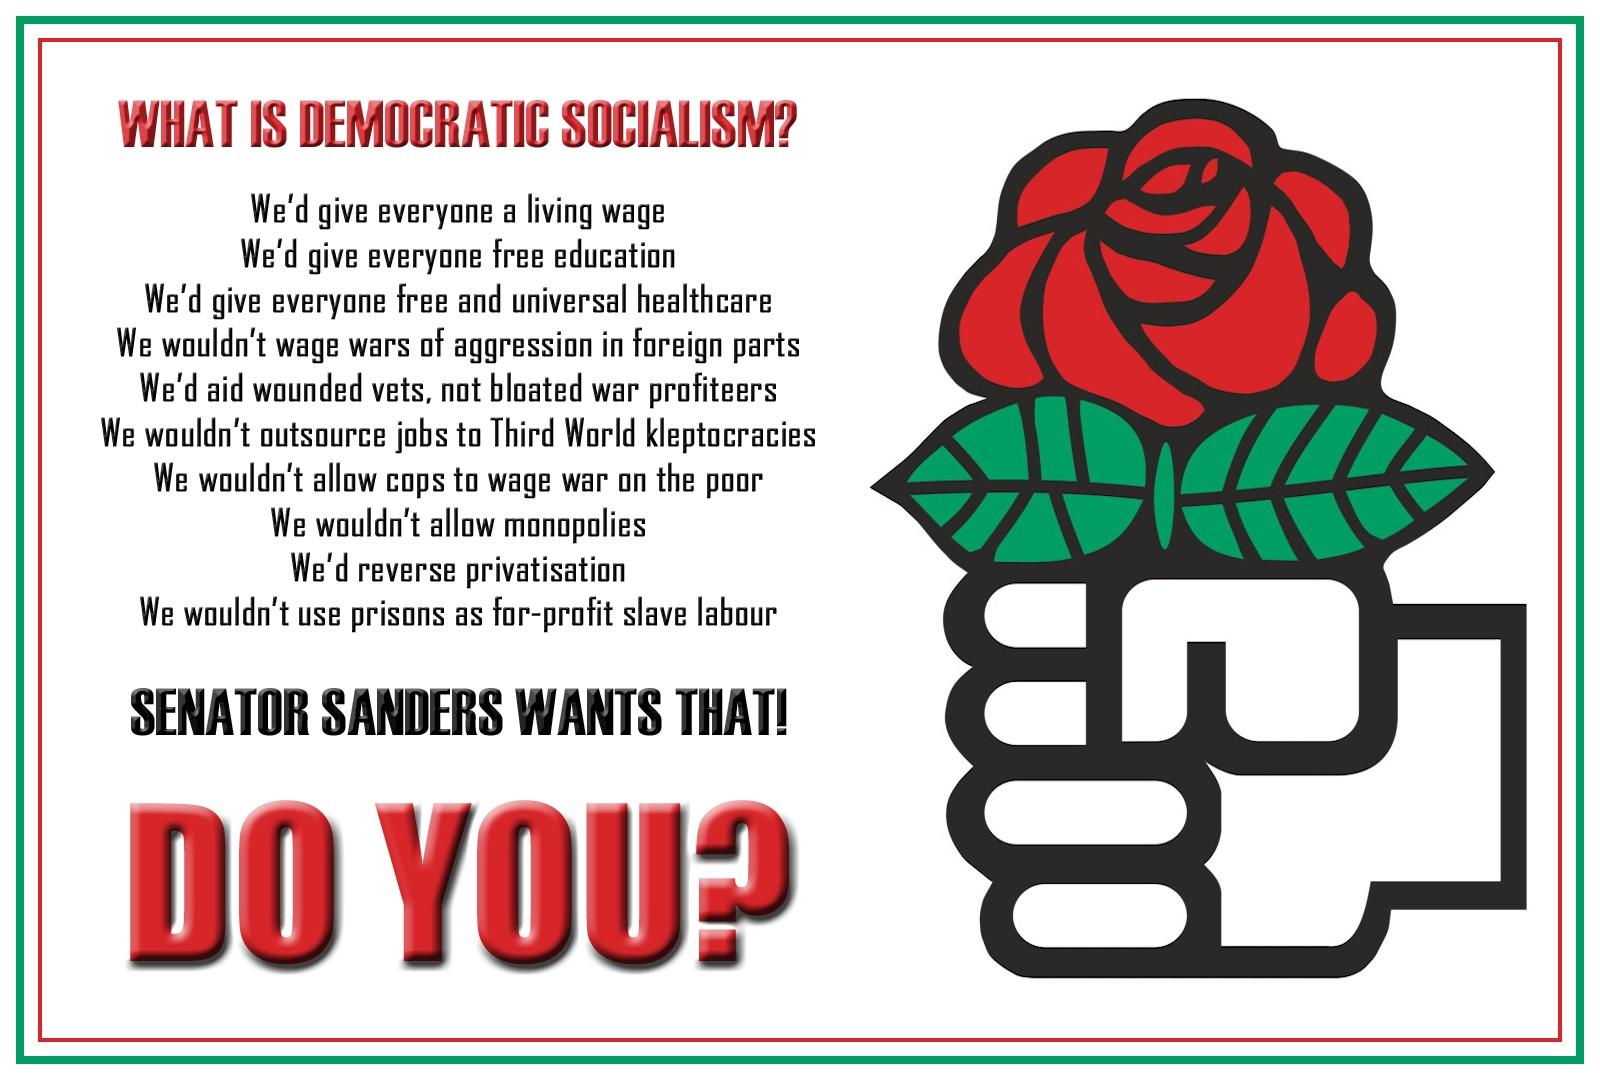 00 democratic socialism. 06.06.15